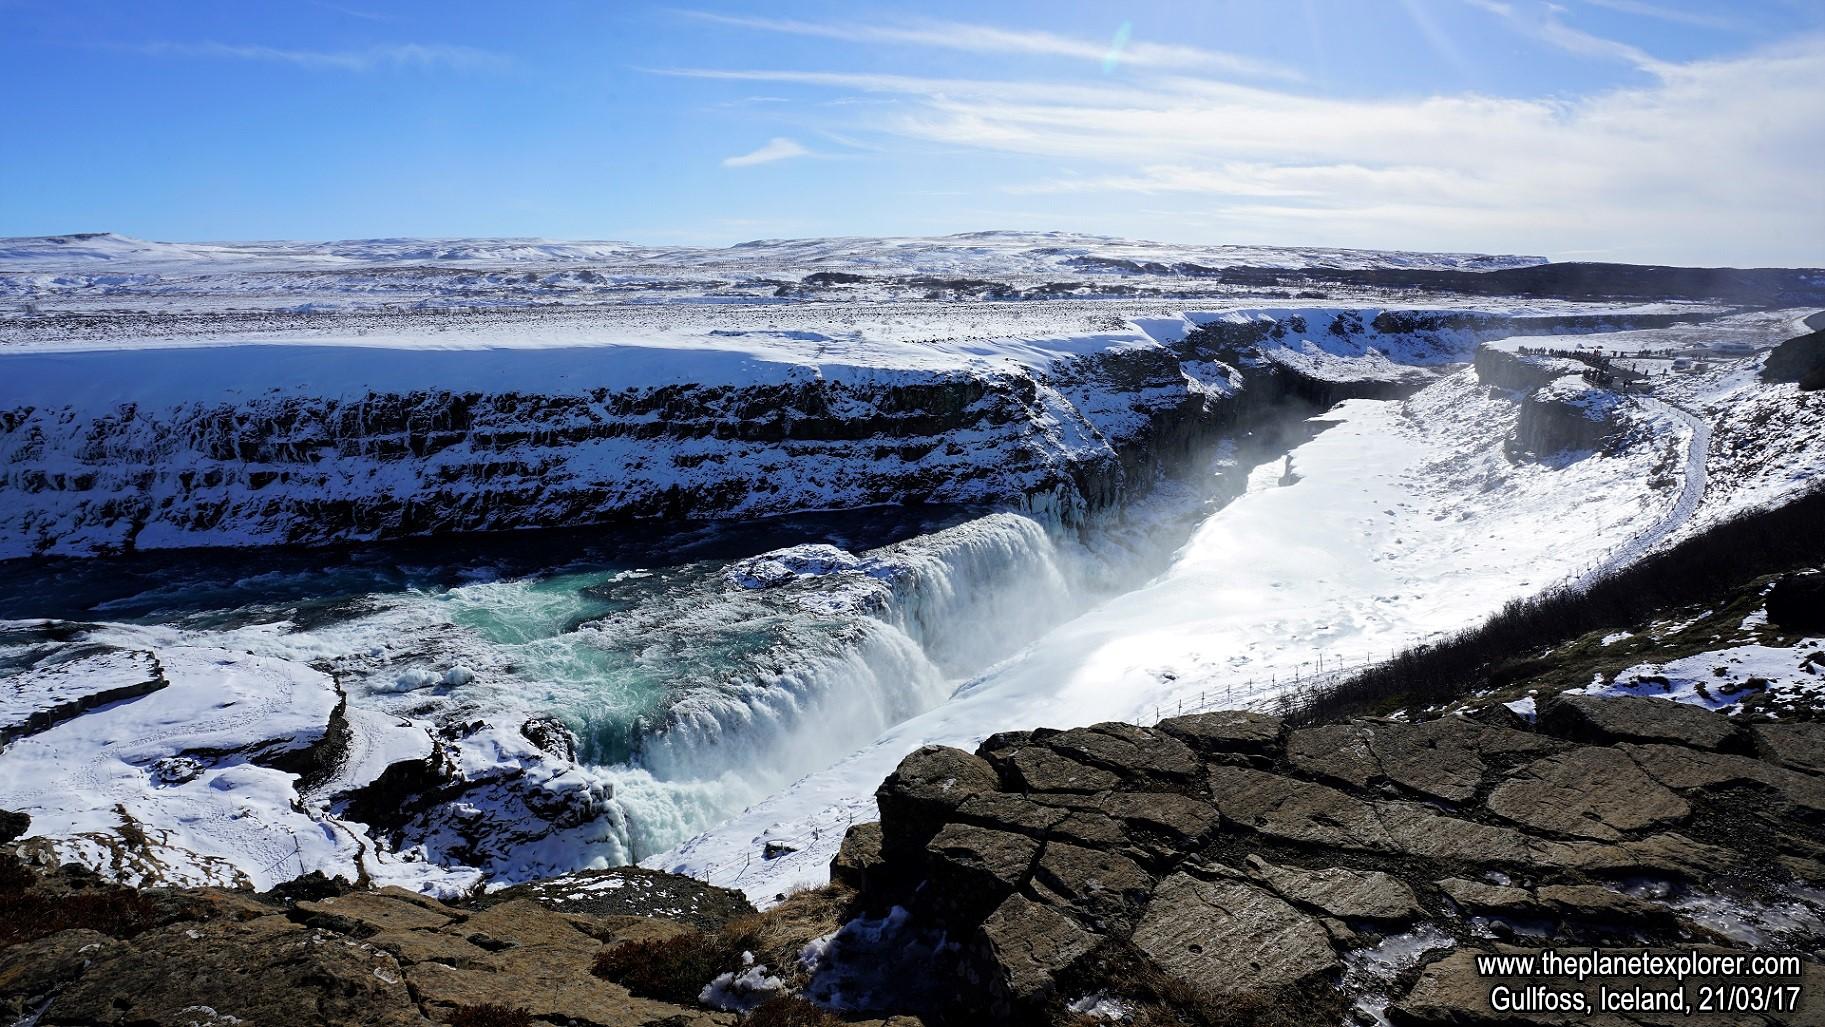 2017-03-21_1326_Iceland_Gullfoss_DSC02294_s7R2_LR_@www